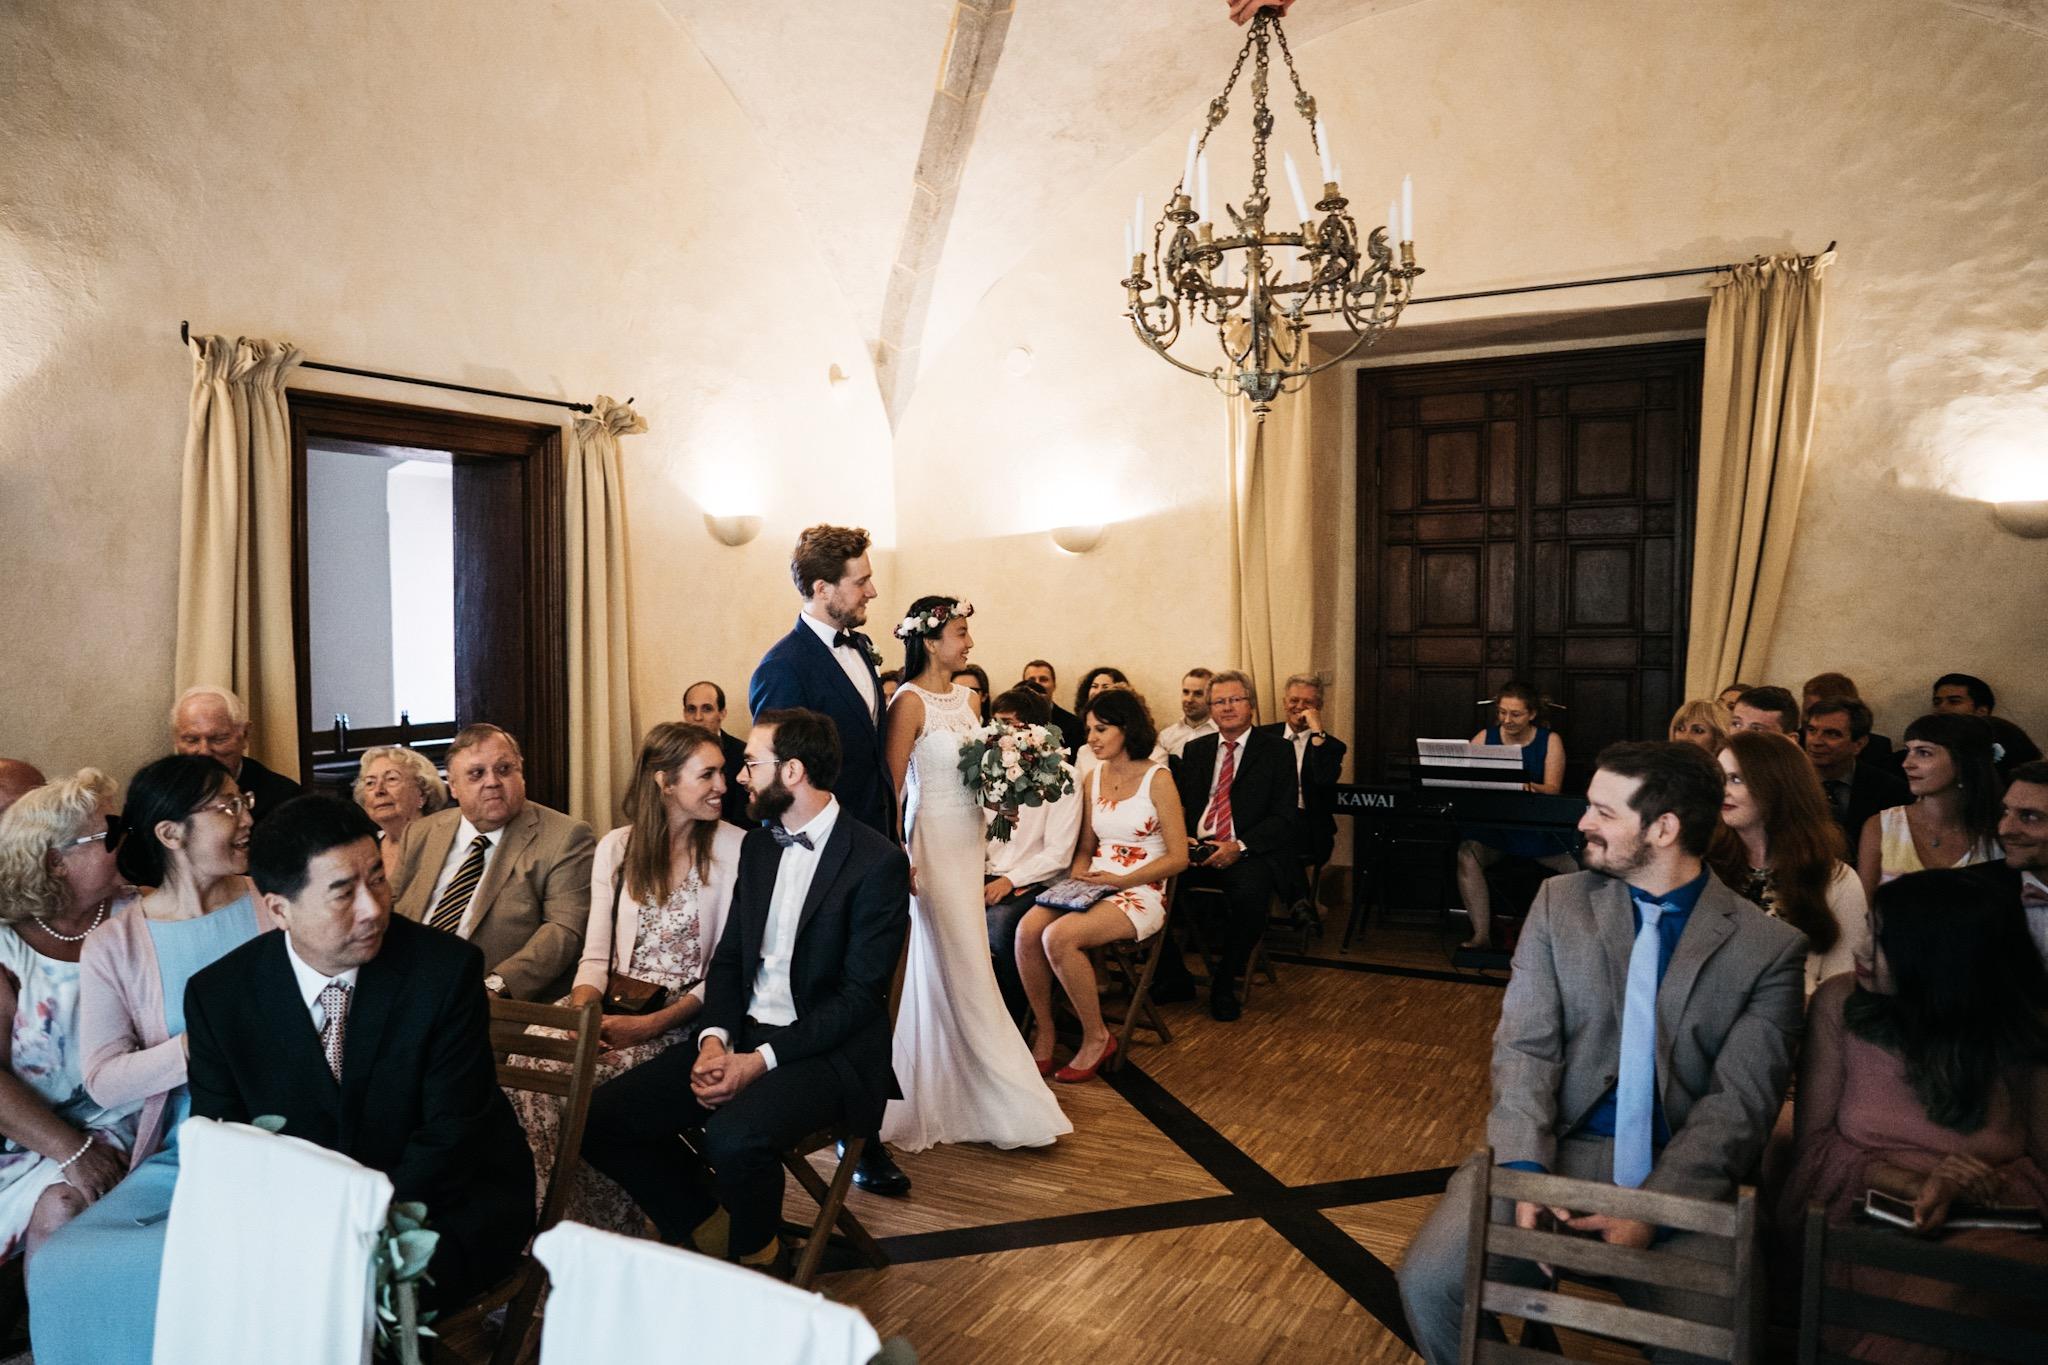 04B1C470 5B10 46CD 8B94 8BD337F794BF - Hochzeit auf der Mittelburg